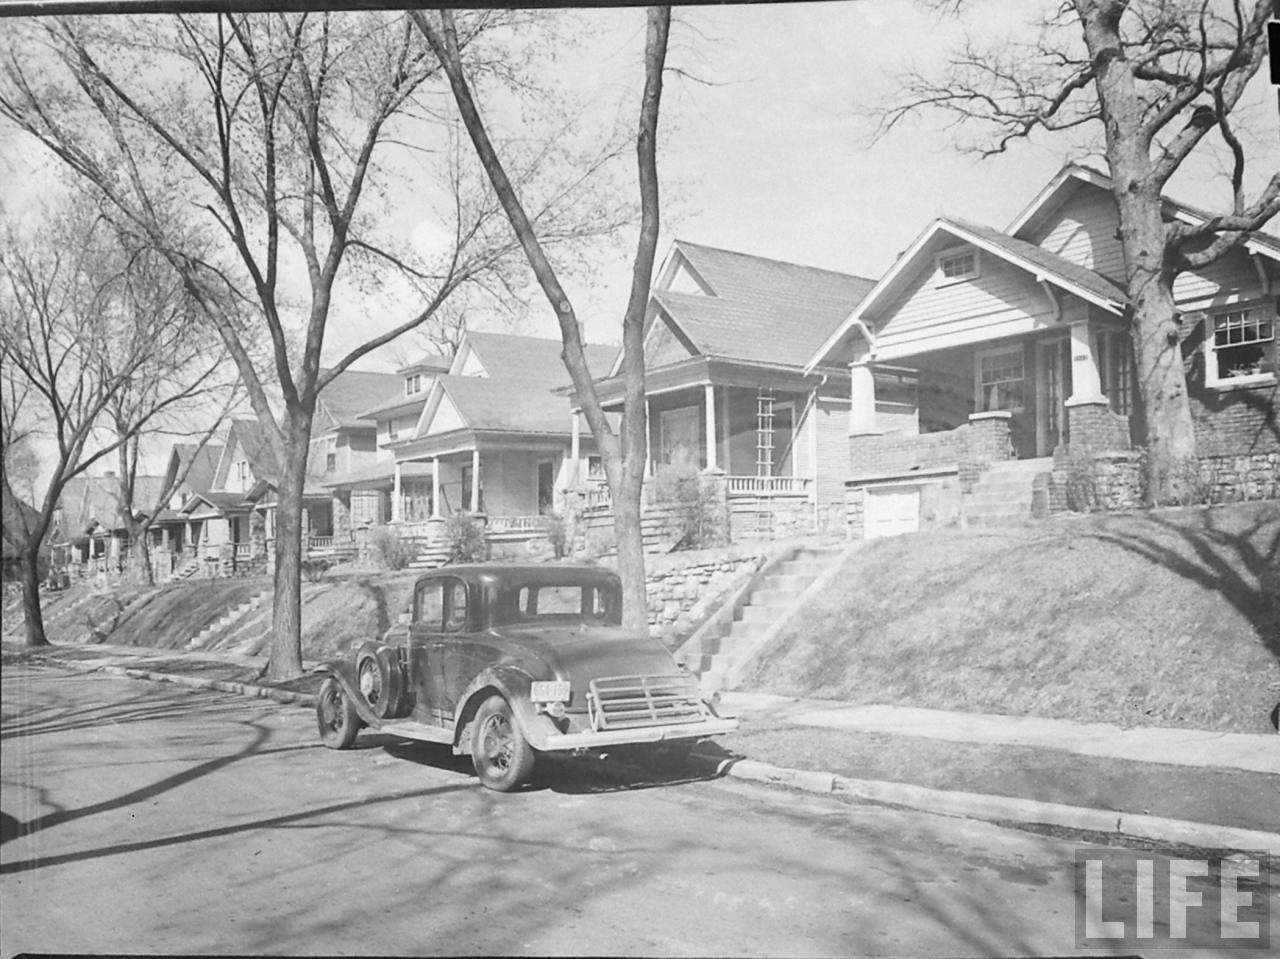 Old Photos: Still More Photos from 1938 Kansas City